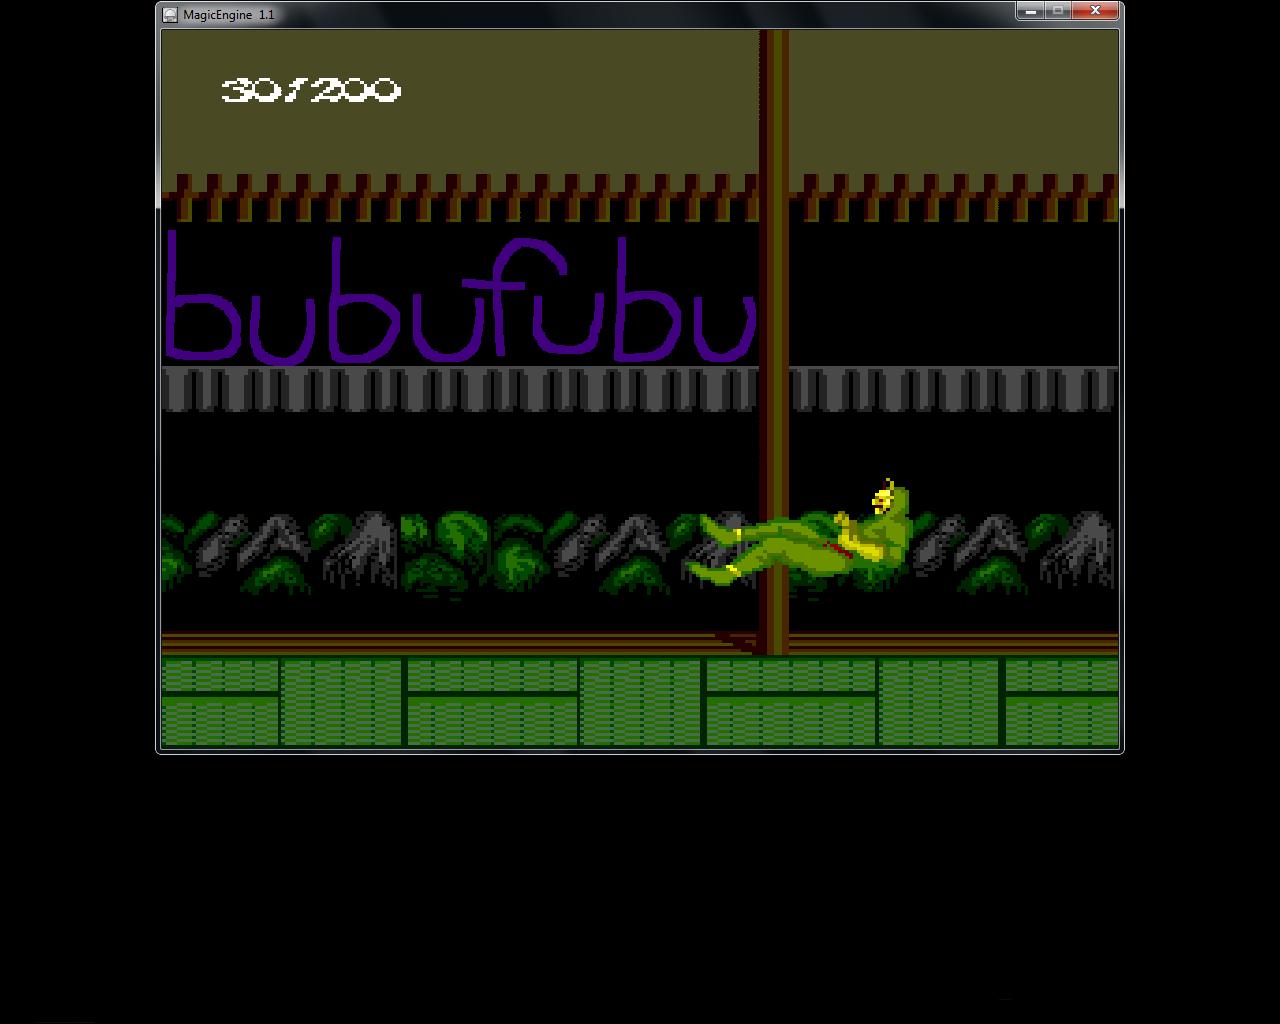 bubufubu: Shinobi (TurboGrafx-16/PC Engine Emulated) 301,200 points on 2015-05-01 12:00:53